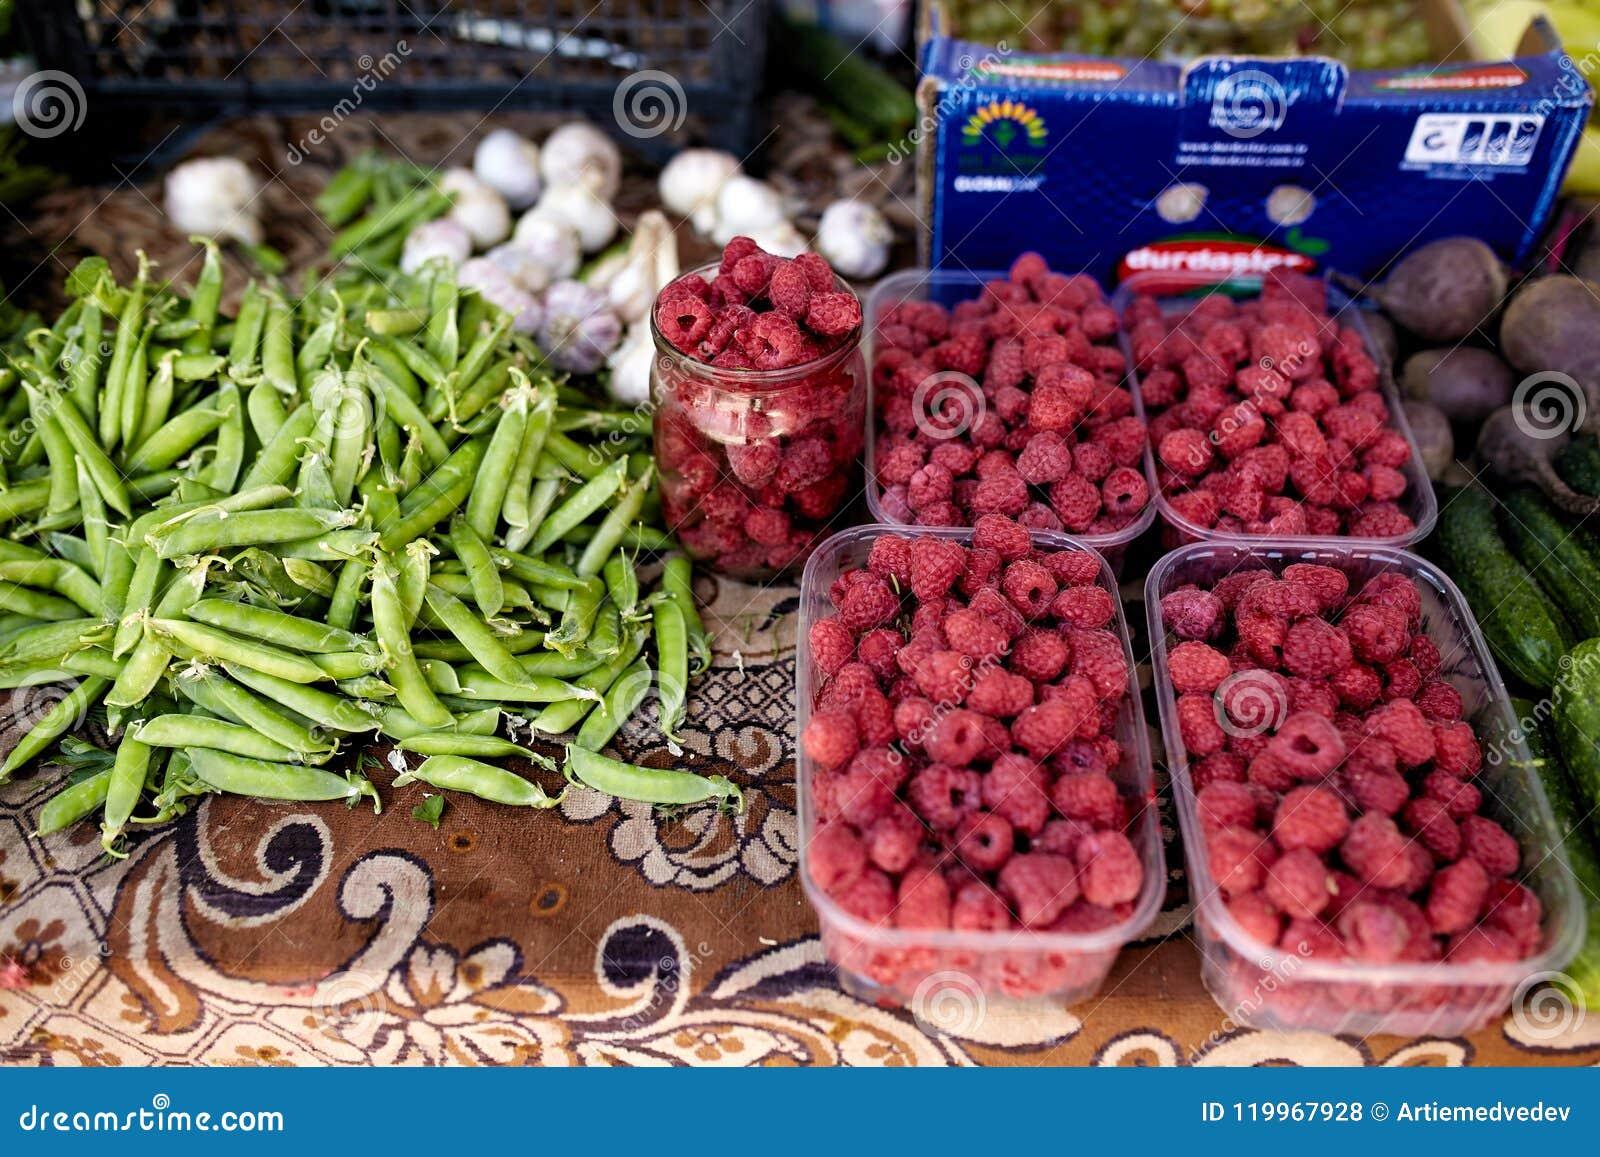 Himbeeren, Knoblauch und Erbsen auf einem Bauernhofmarkt in der Stadt Obst und Gemüse an einem Landwirtsommermarkt